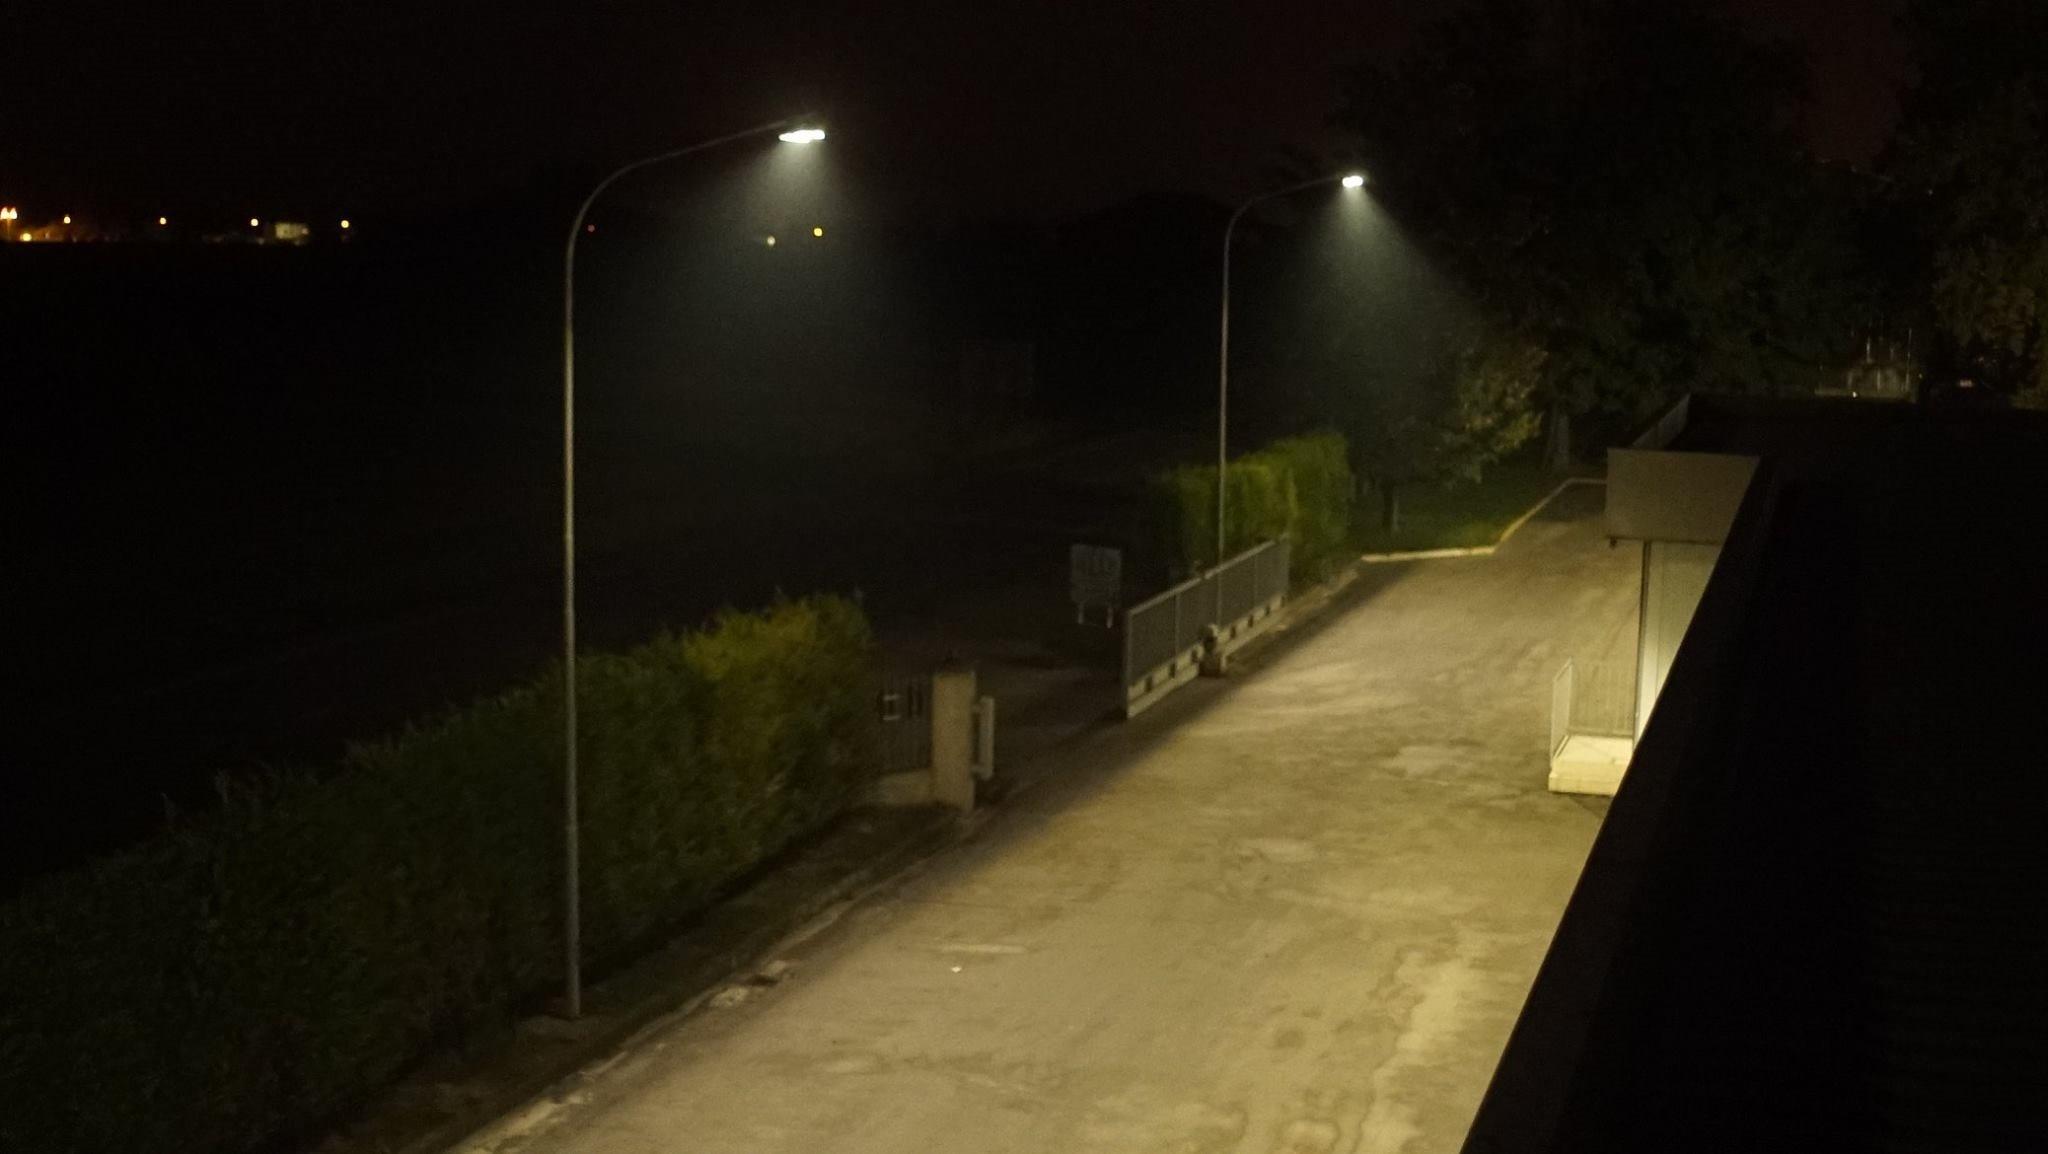 Illuminazione Industriale A Led Prezzi: Le soluzioni di illuminazione a led g...